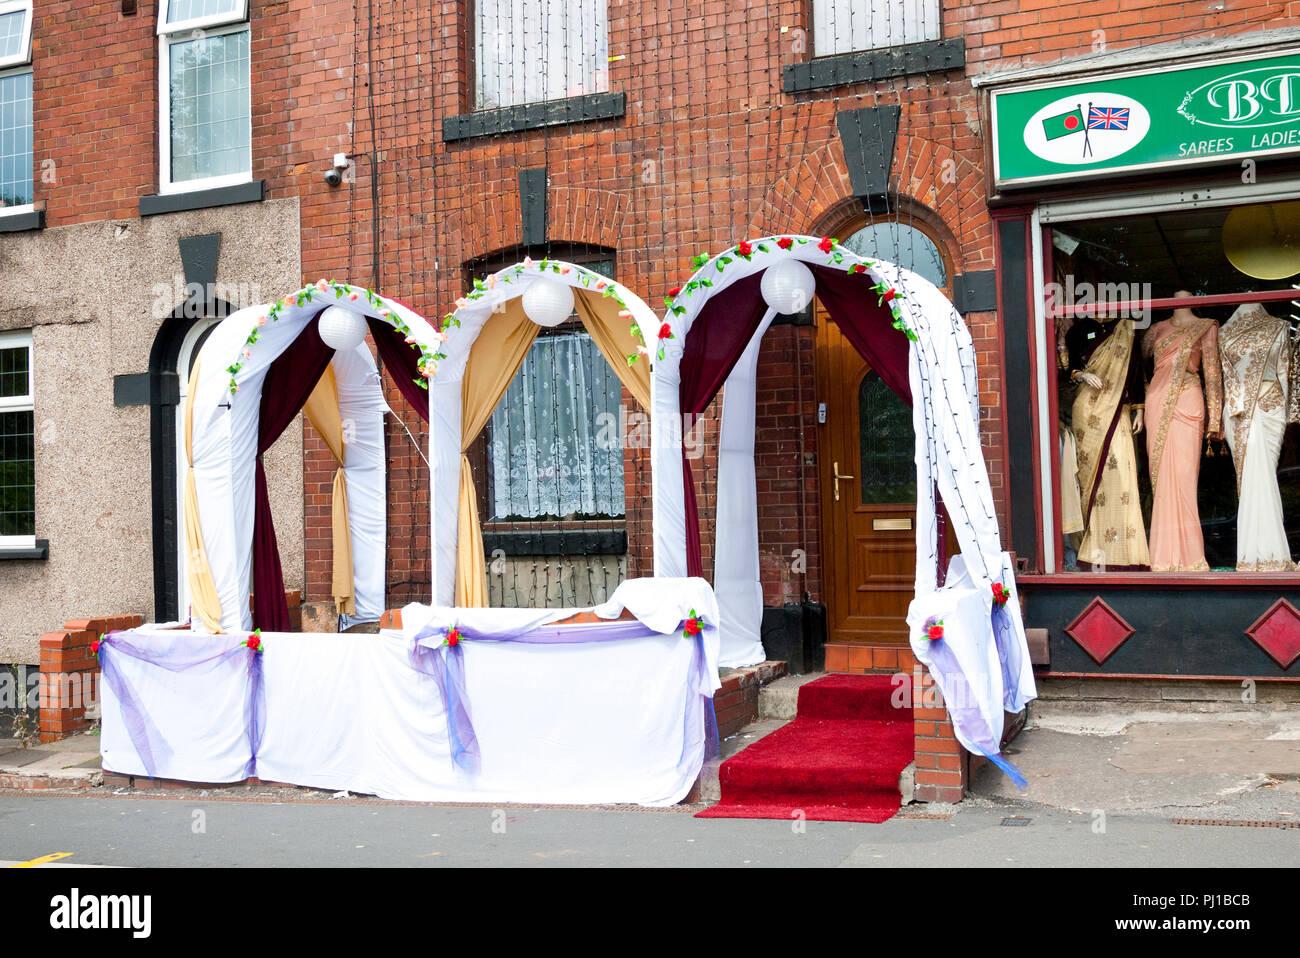 Pakistanische asiatischen Haus für die Hochzeit und Feier, Oldham, England, Großbritannien eingerichtet. Stockbild